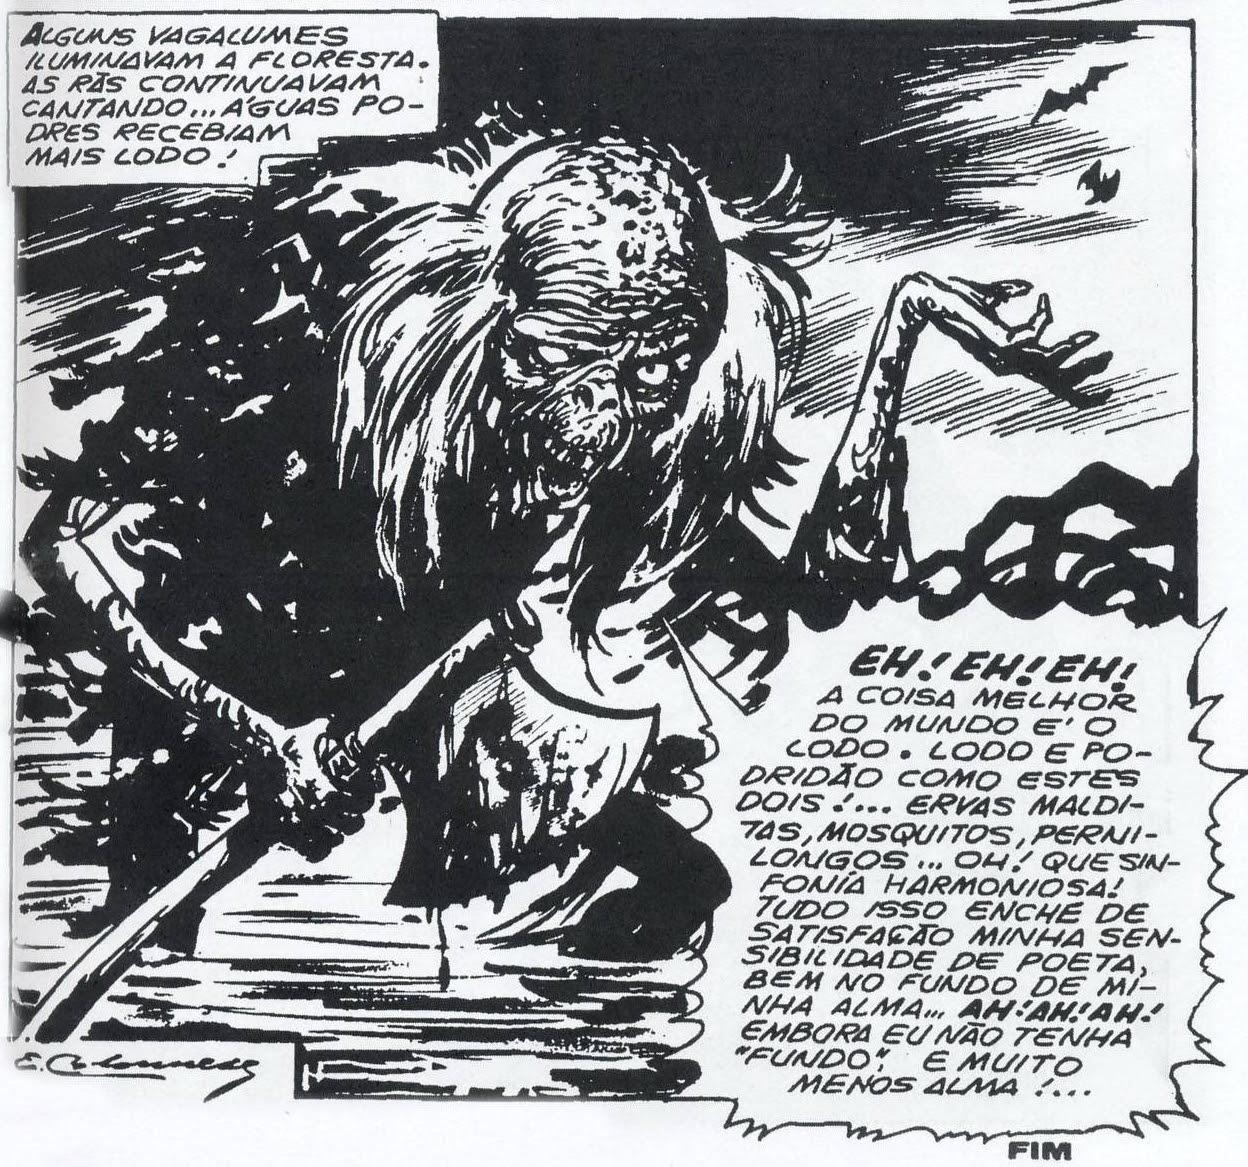 Eugênio Colonneses' O Morto do Pantono